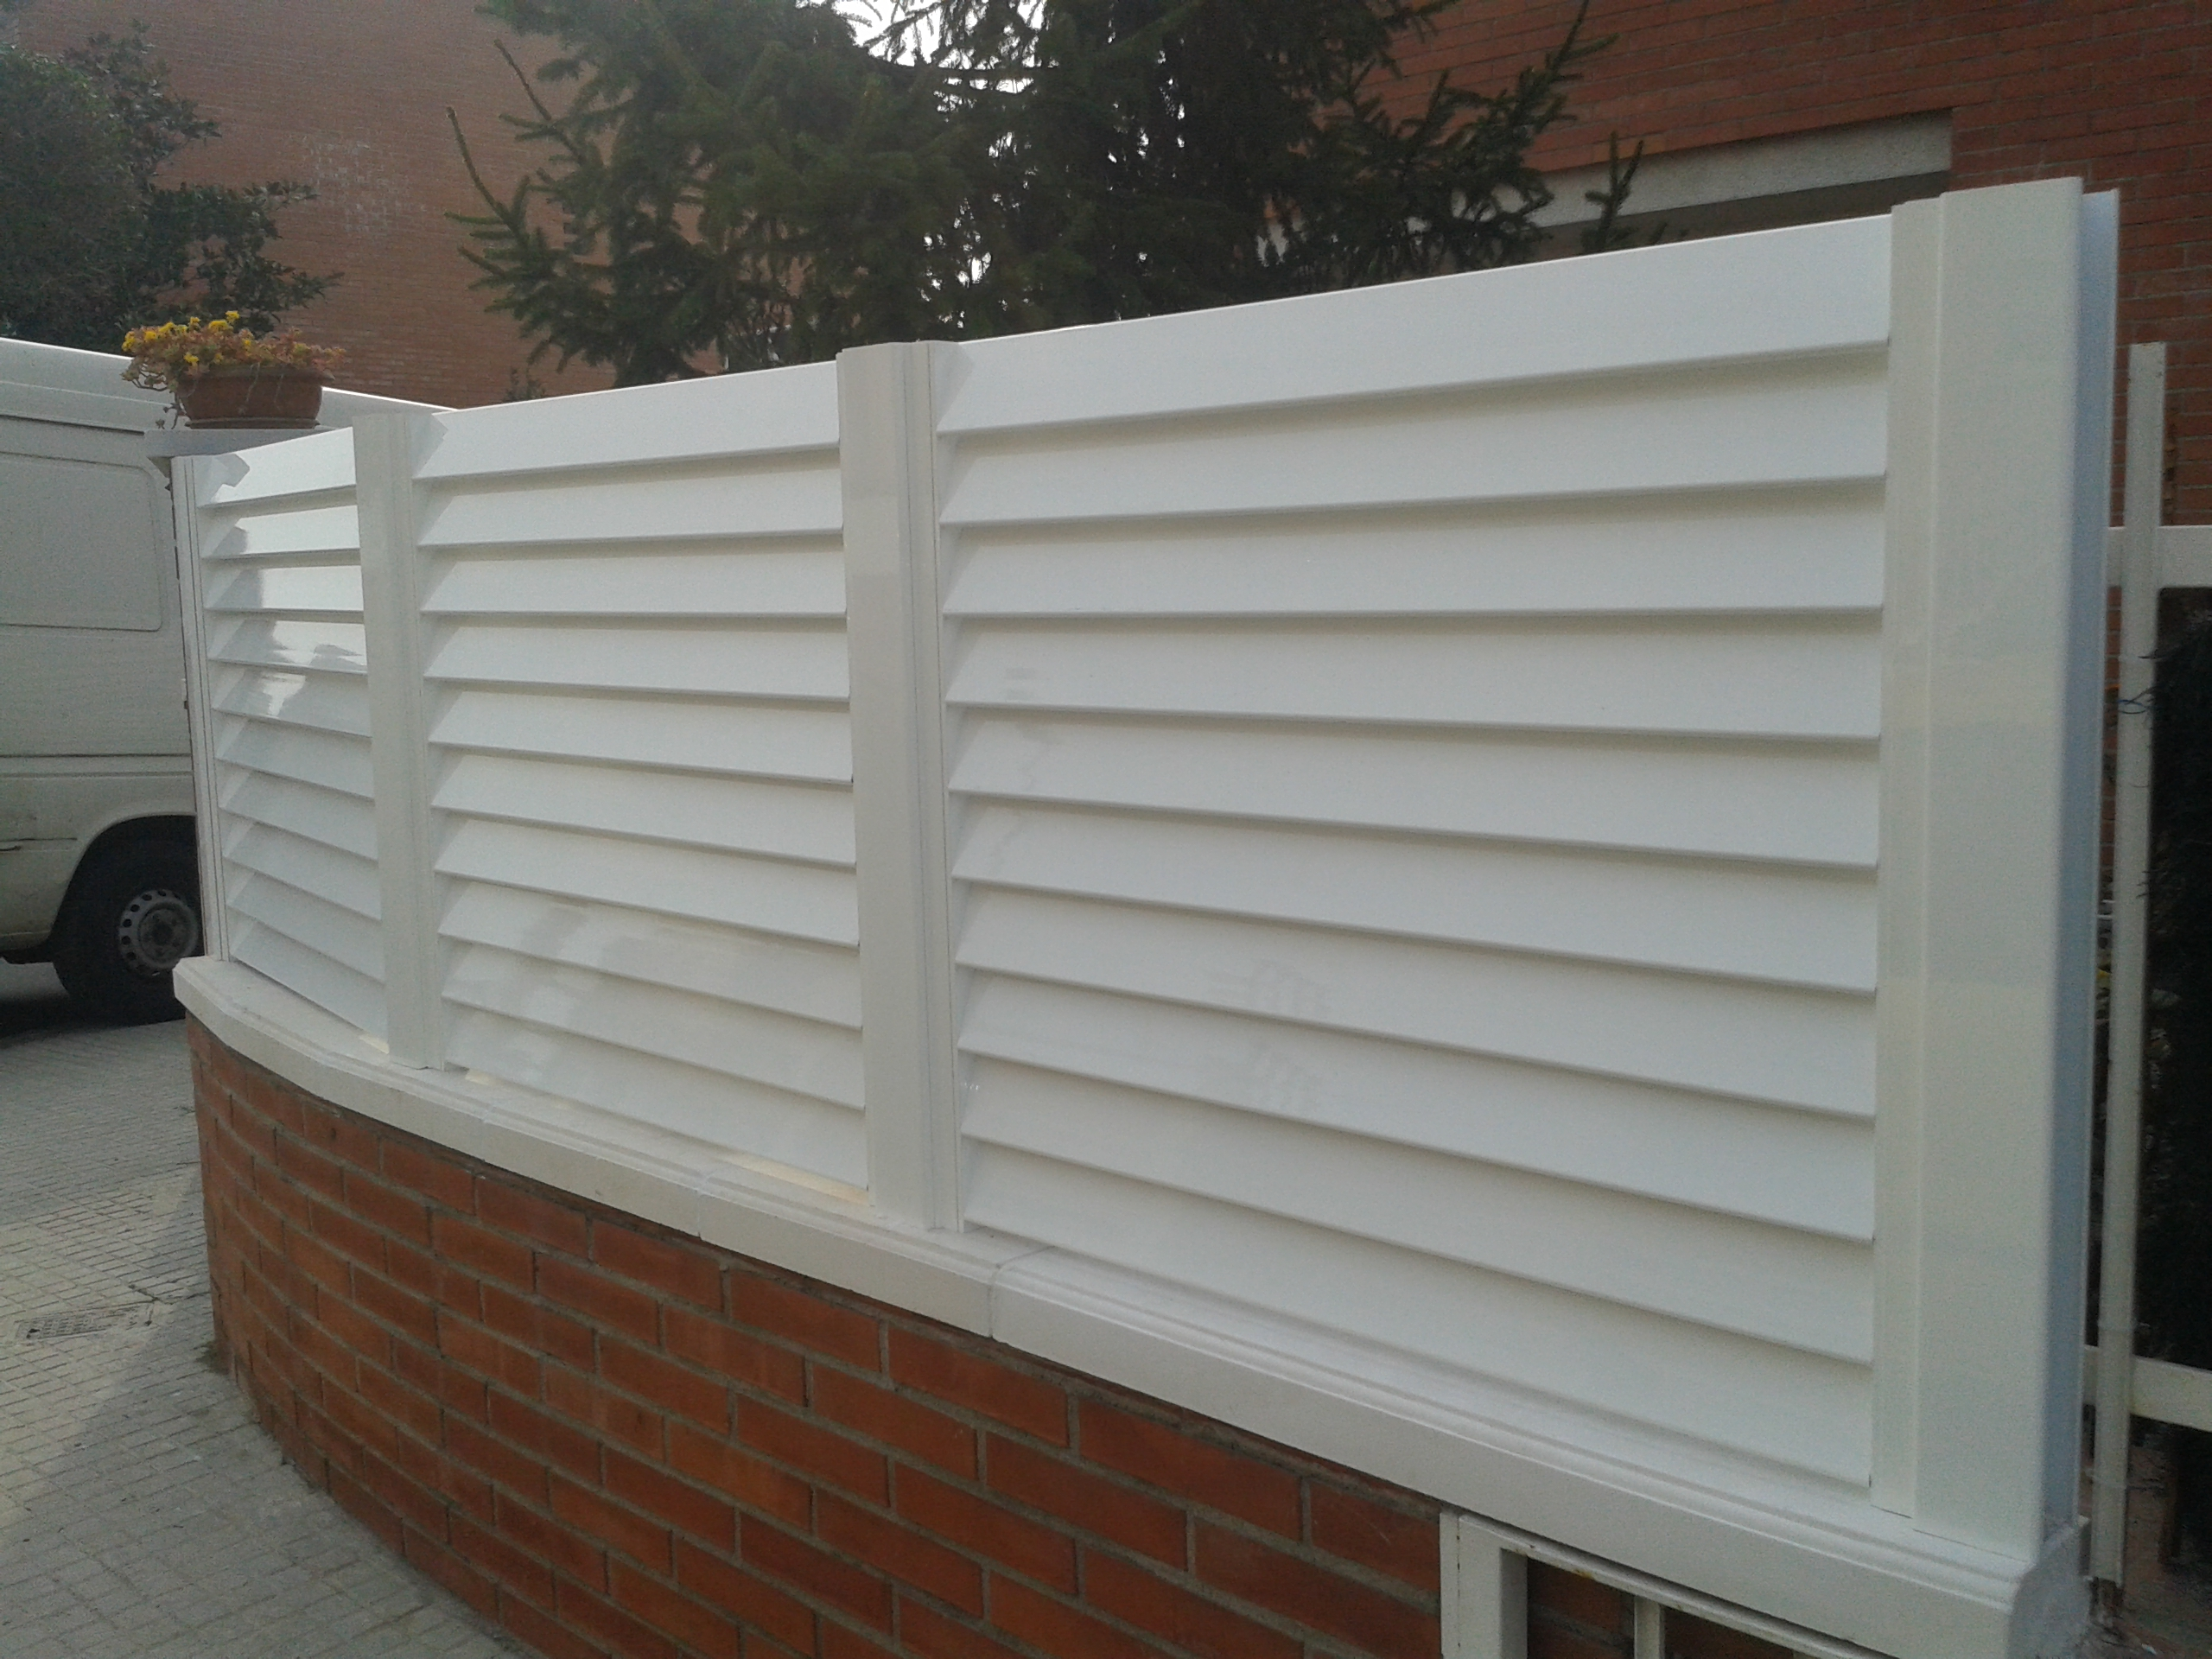 Jard n vallas y puertas cristaler a y aluminio r b r for Bordillos de plastico para jardin